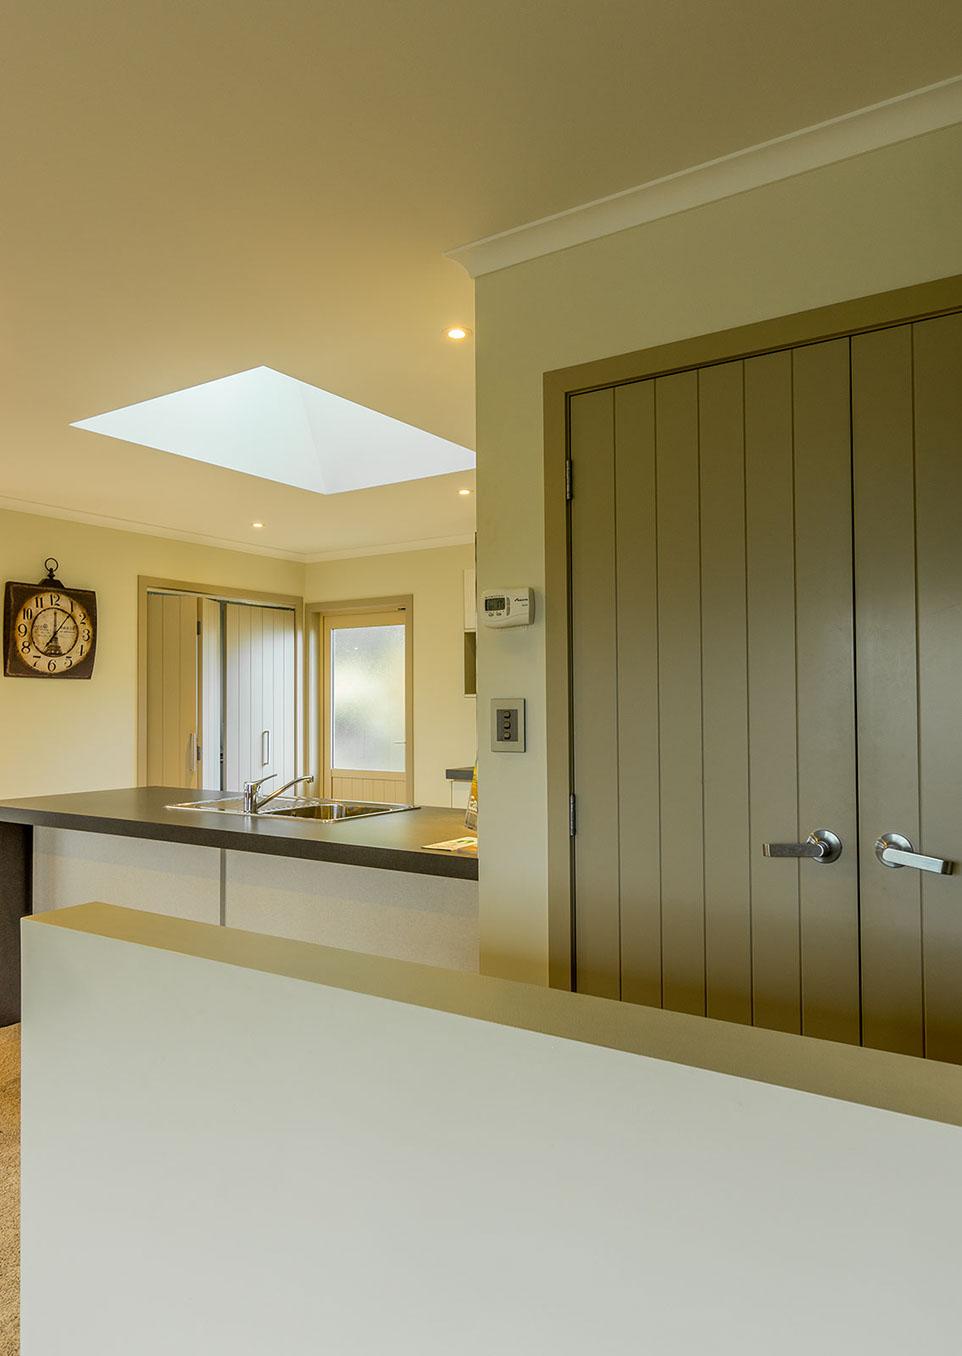 Horizon Steel x1 - G.J Gardner Homes Manawatu/Horowhenua & Welcome to Superior Doors